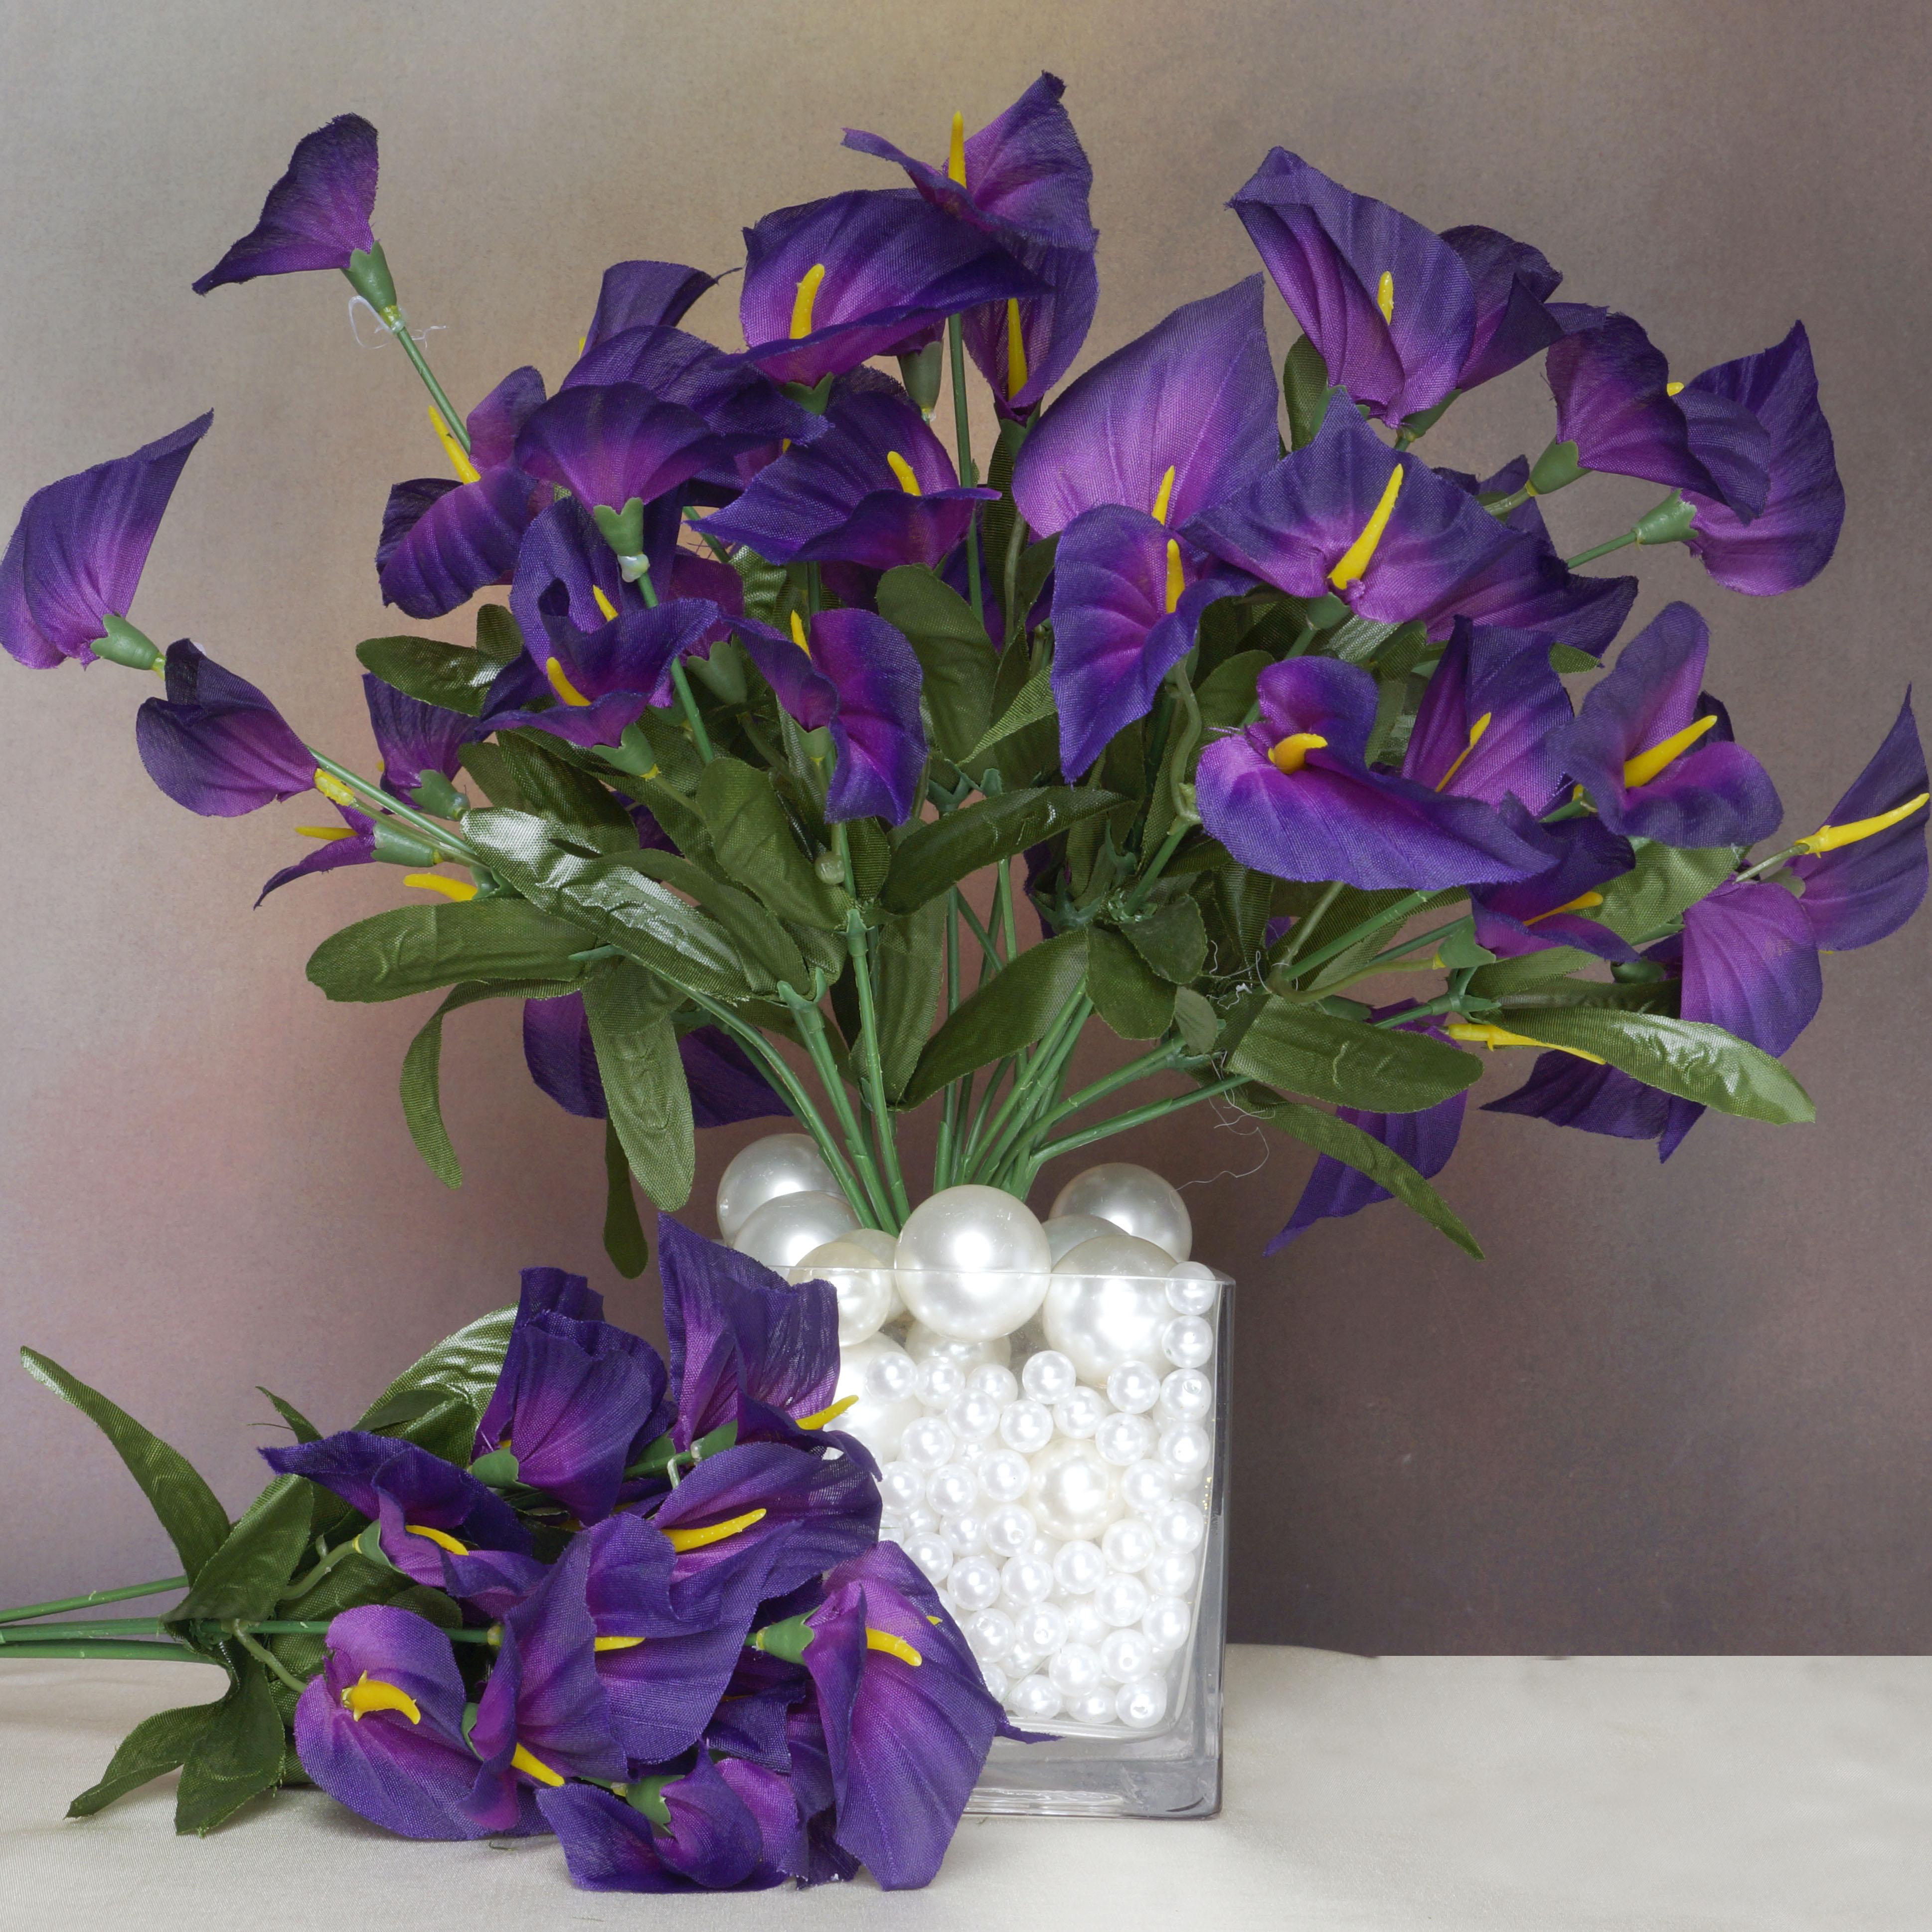 Efavormart 504 Artificial MINI CALLA Lilies for DIY Wedding Bouquets Centerpieces Arrangements Party Home Decorations - 24 Bushes